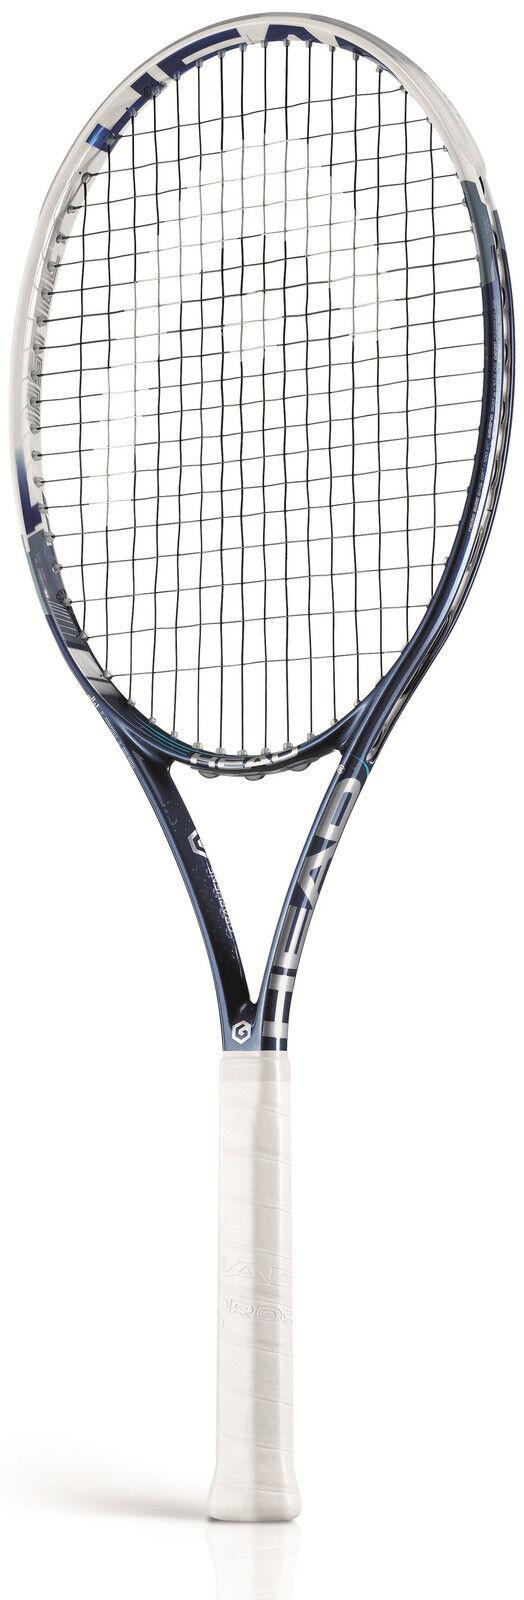 HEAD GRAPHENE INSTINCT MP tennis tennis tennis racquet - 4 5/8 - Reg  180 - TOMAS BERDYCH d89165